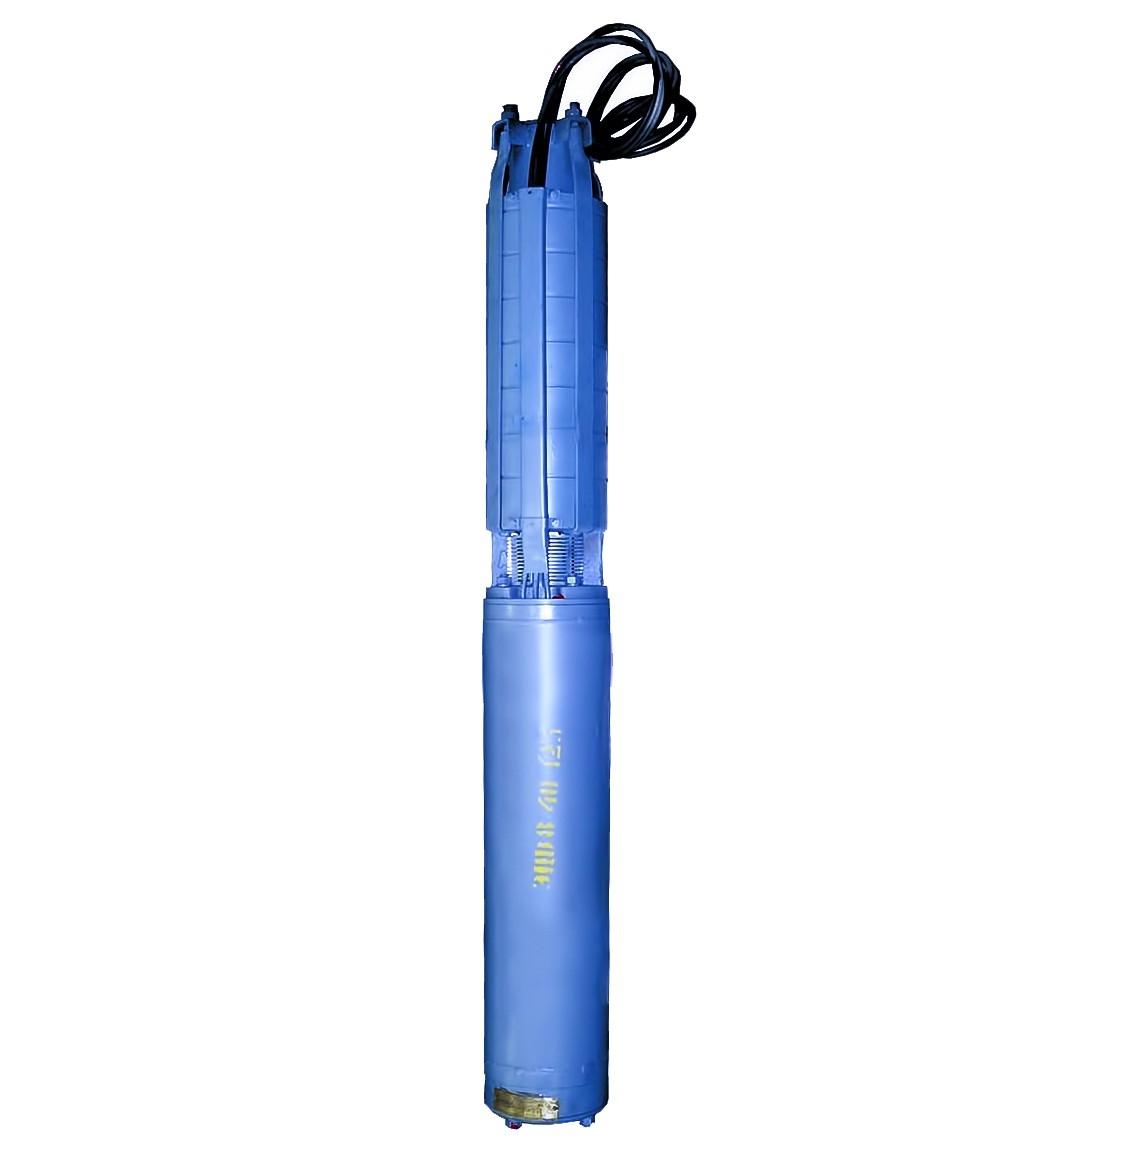 Погружной насос ЭЦВ 10-65-100 бр